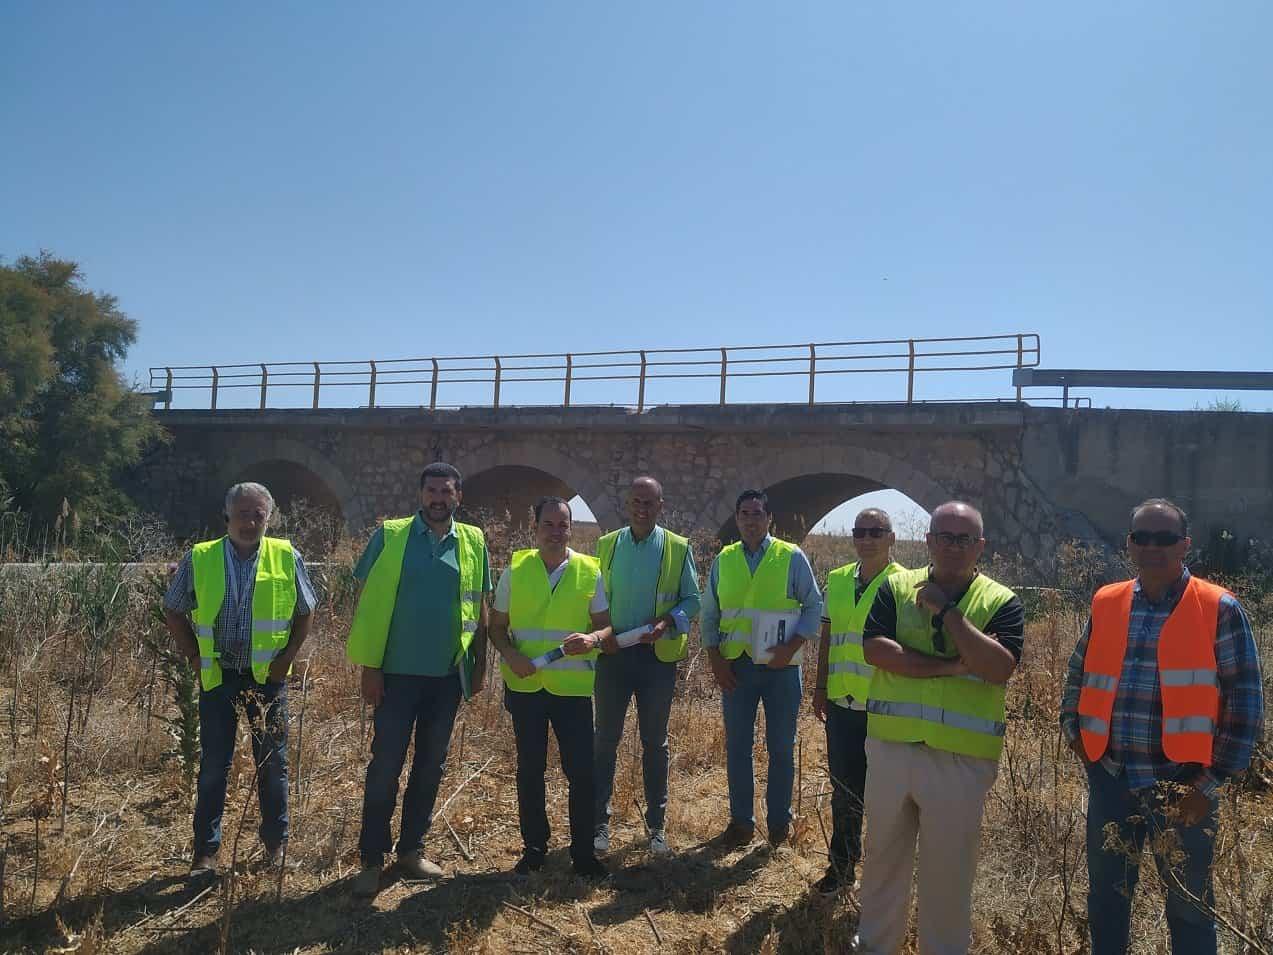 Inicio obras sobre el puente Alto - Comienzan las obras sobre el puente del Río Cigüela en la carretera que une Herencia y Manzanares